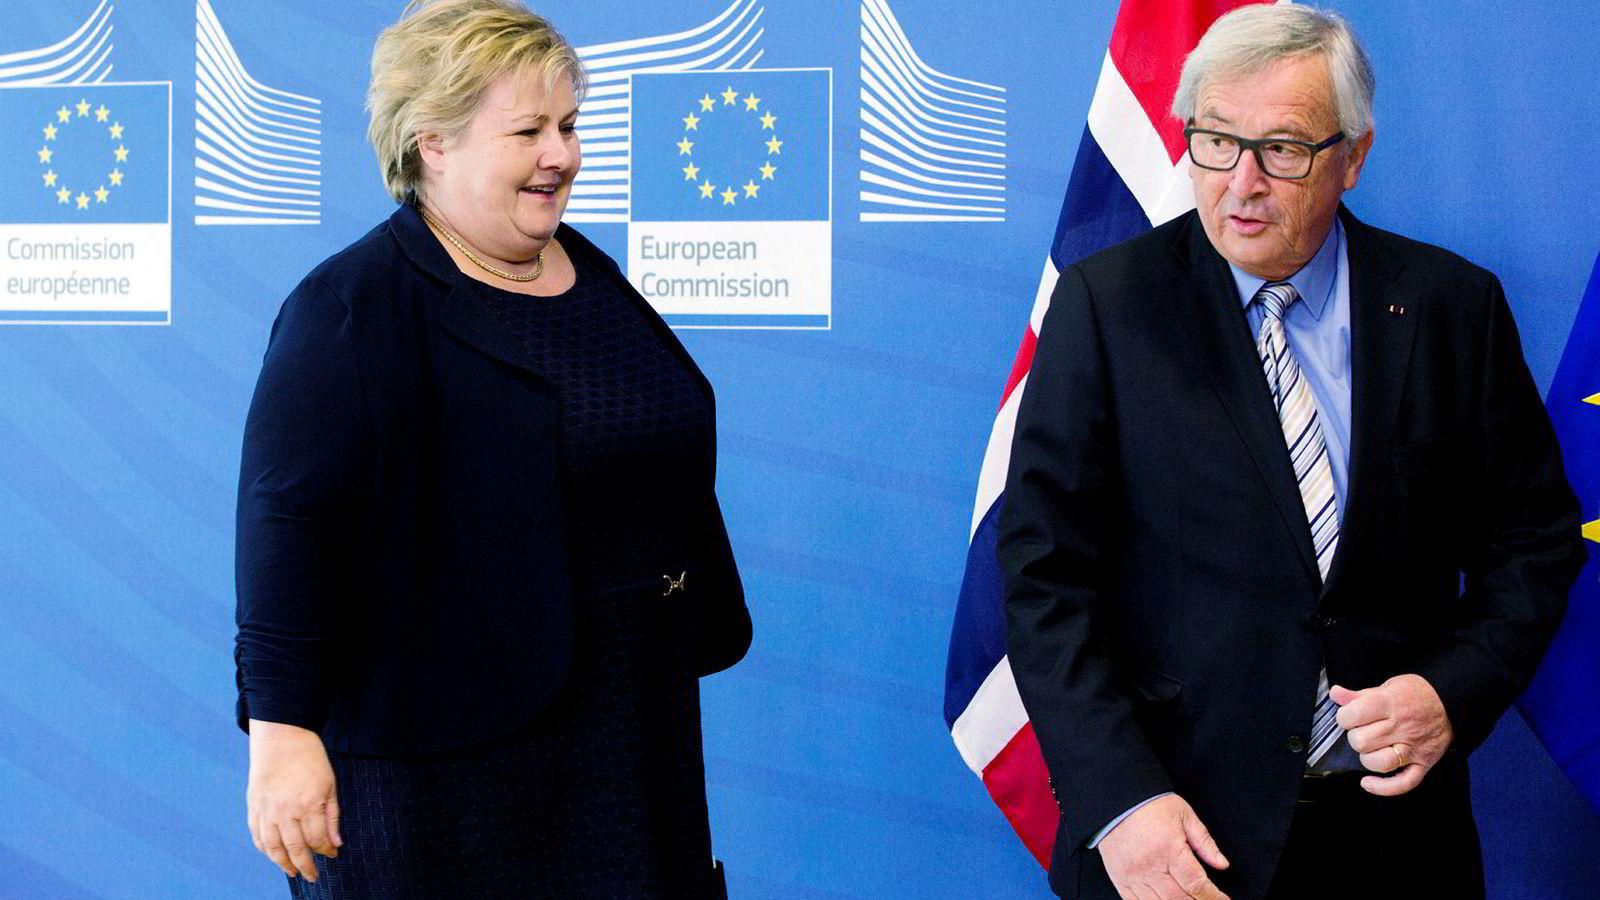 Det brede kompromisset i norsk europapolitikk har lenge vært sikret av Høyre og Arbeiderpartiet, med støtte av blant annet KrF. Her er statsminister Erna Solberg sammen med Europakommisjonens president Jean-Claude Juncker.